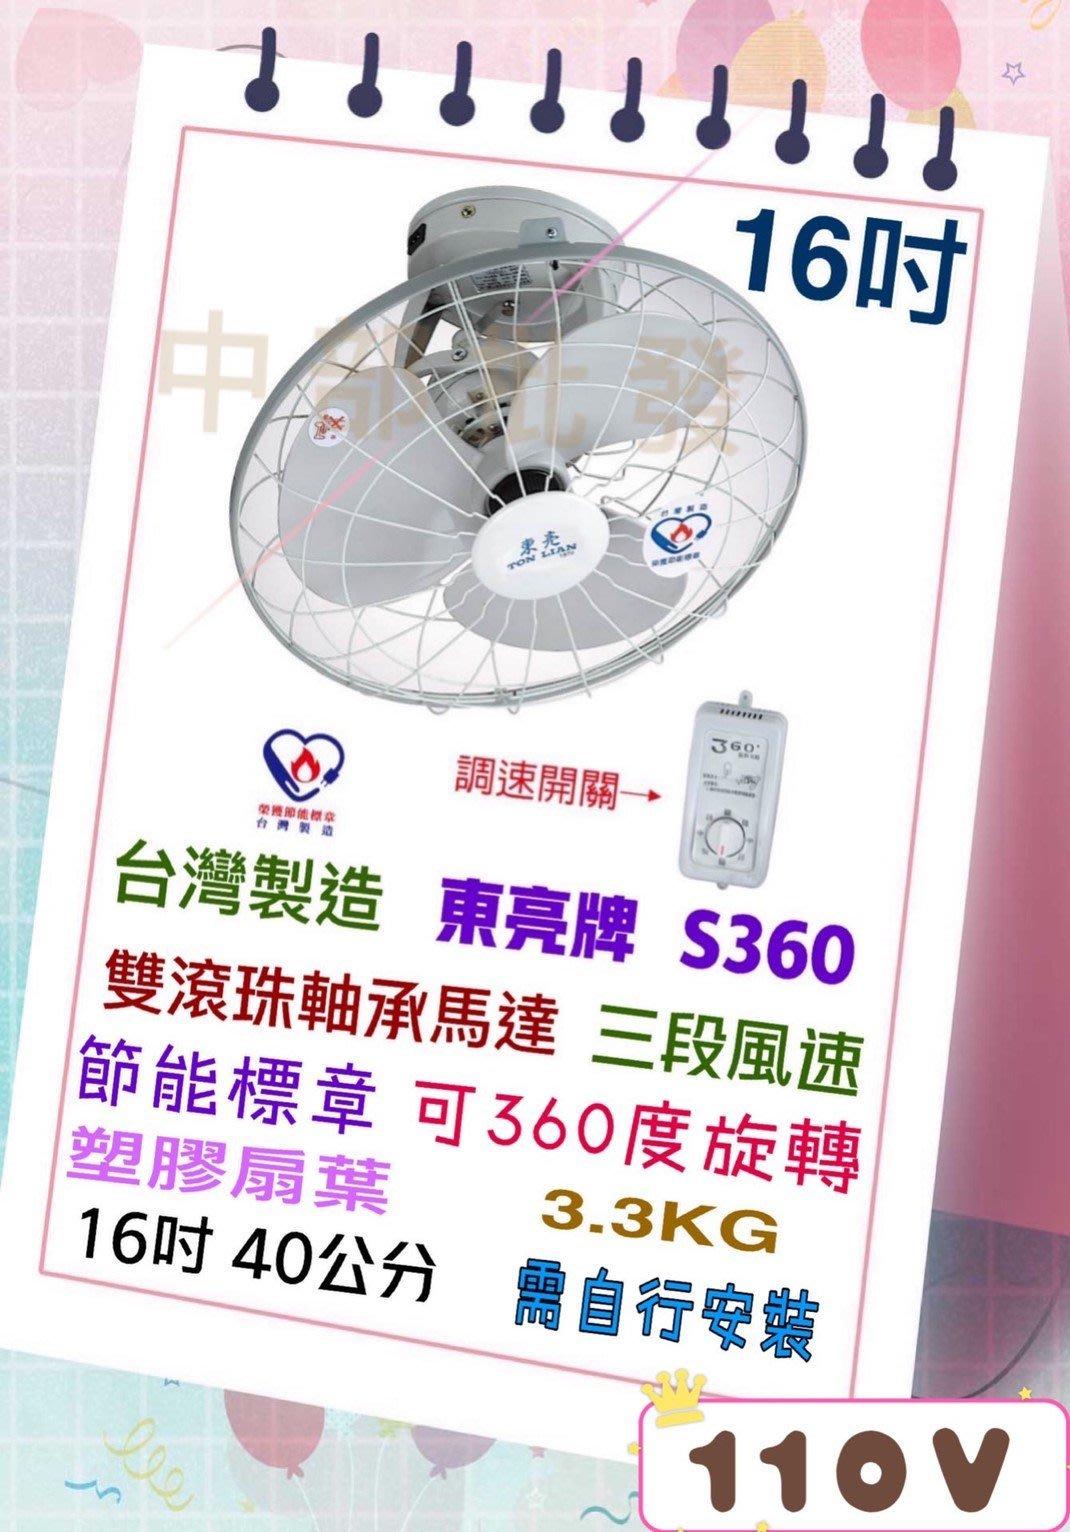 「工廠直營」S-360 東亮 16吋360度天花板旋轉吊扇 自動旋轉吊扇 電風扇 吊扇 夏天 電扇 雙滾珠軸承馬達 台製